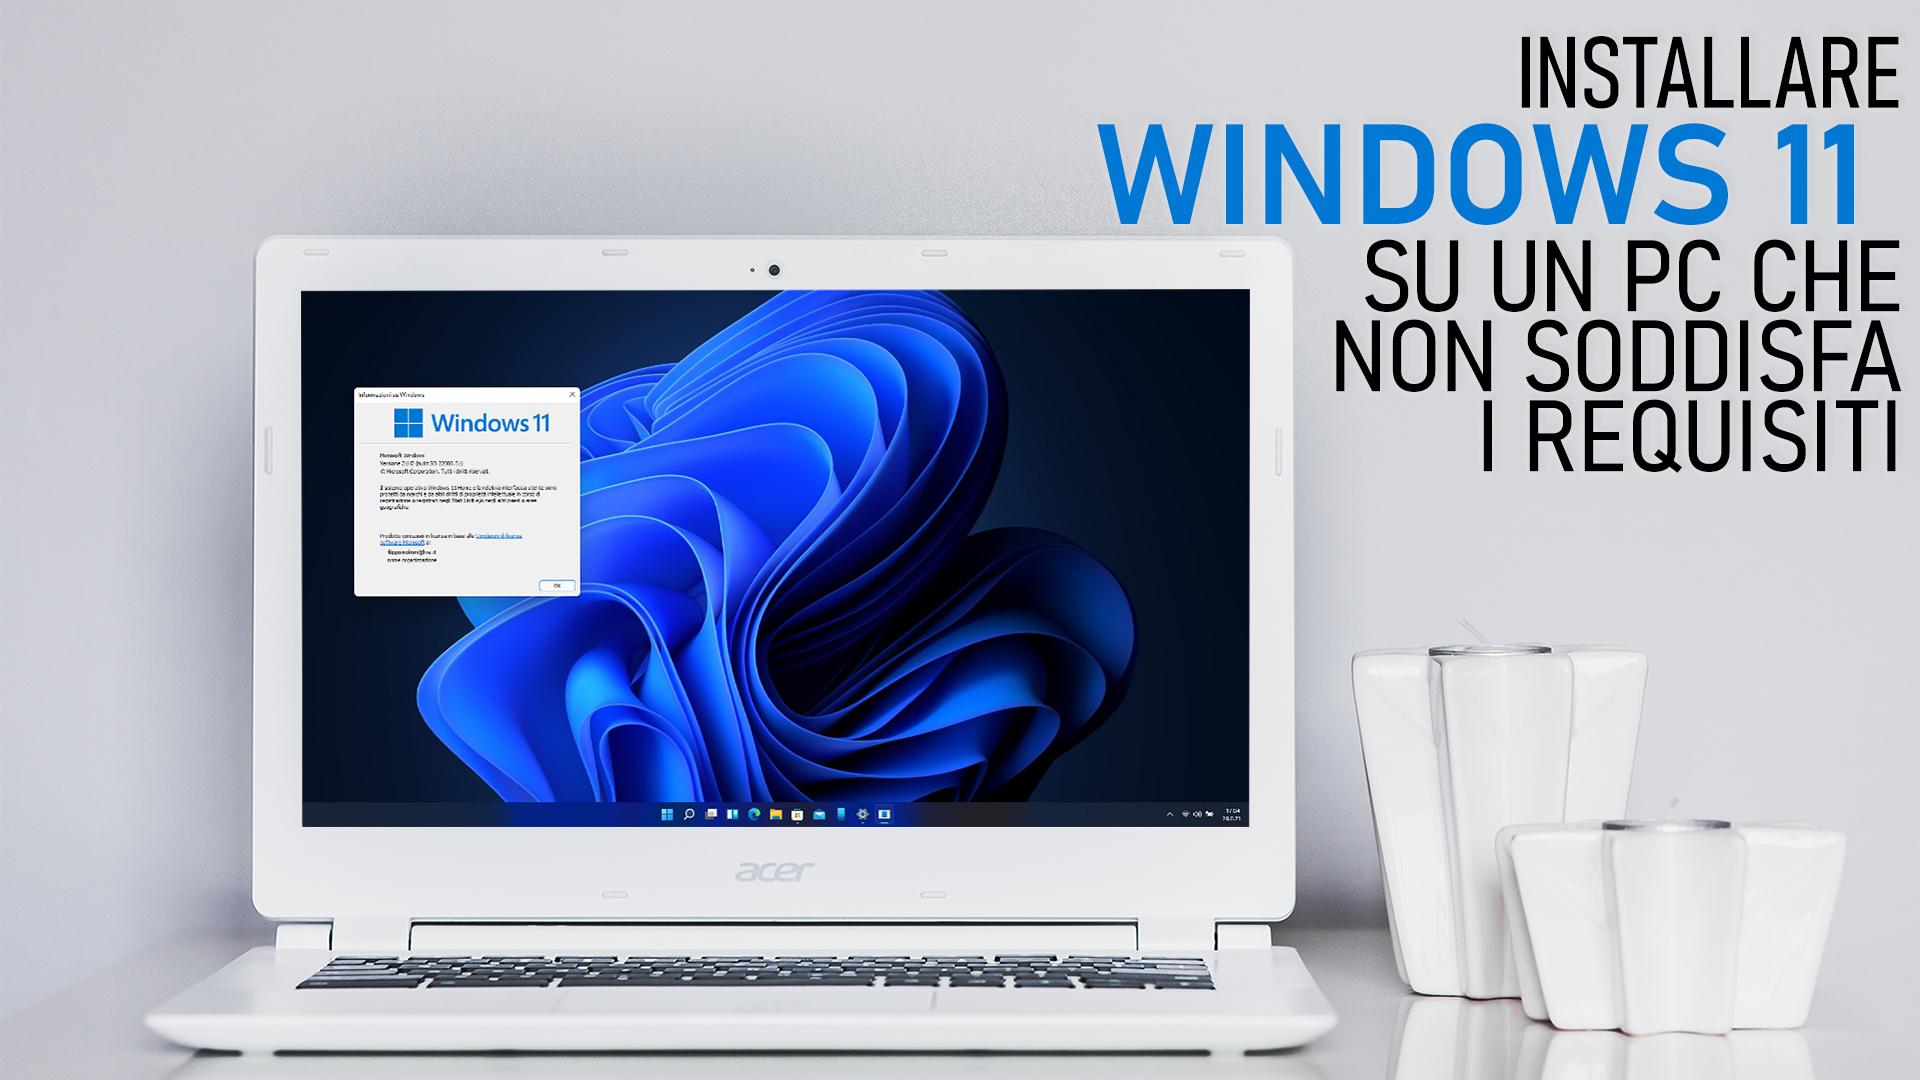 Come installare Windows 11 su un PC che non soddisfa i requisiti tecnici minimi di TPM e SecureBoot